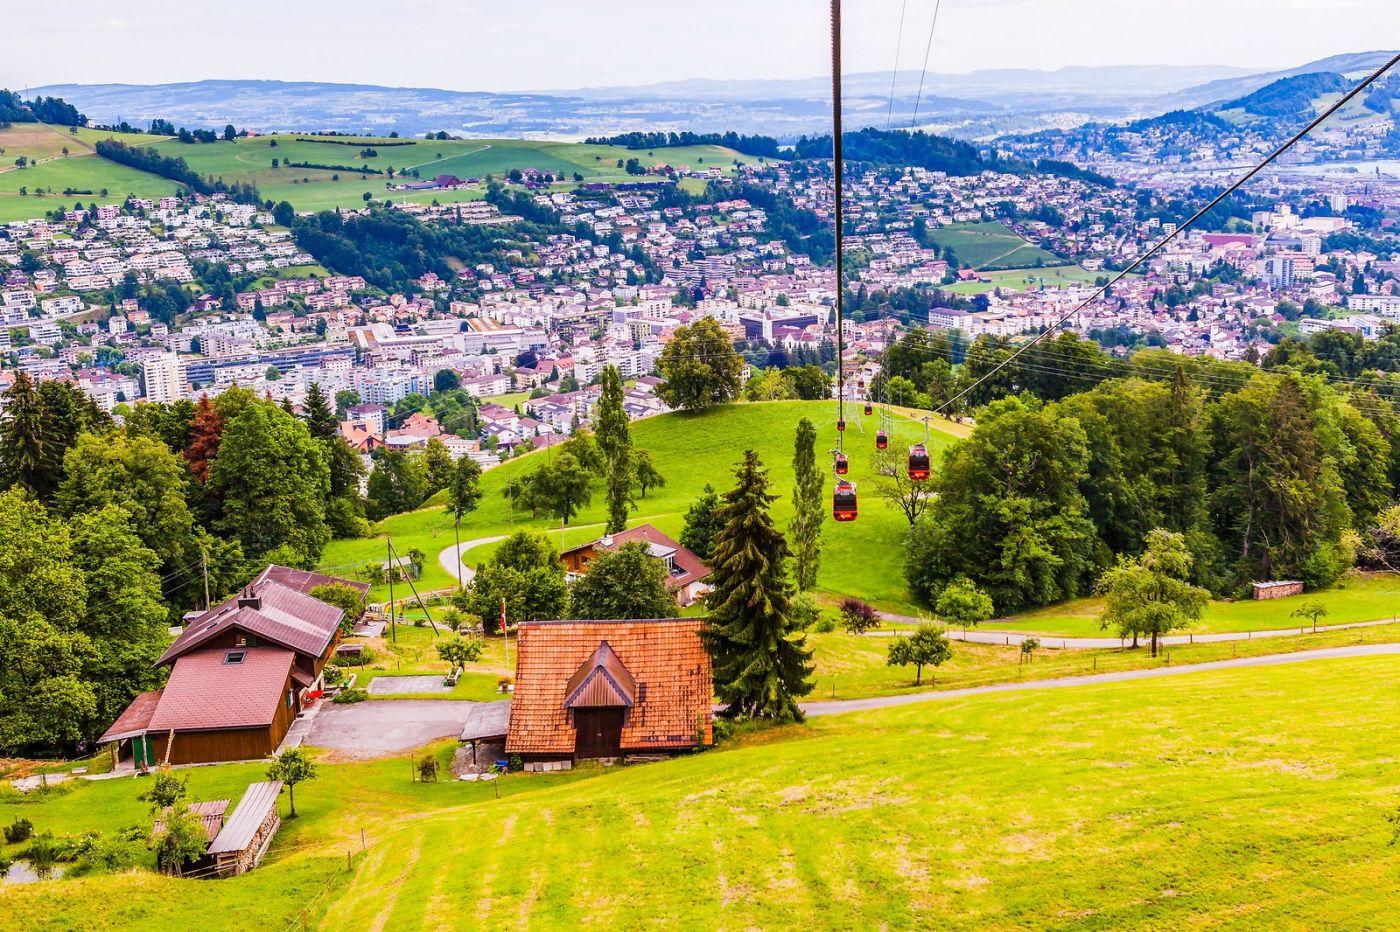 瑞士卢塞恩(Lucerne),坐缆车看风景_图1-11